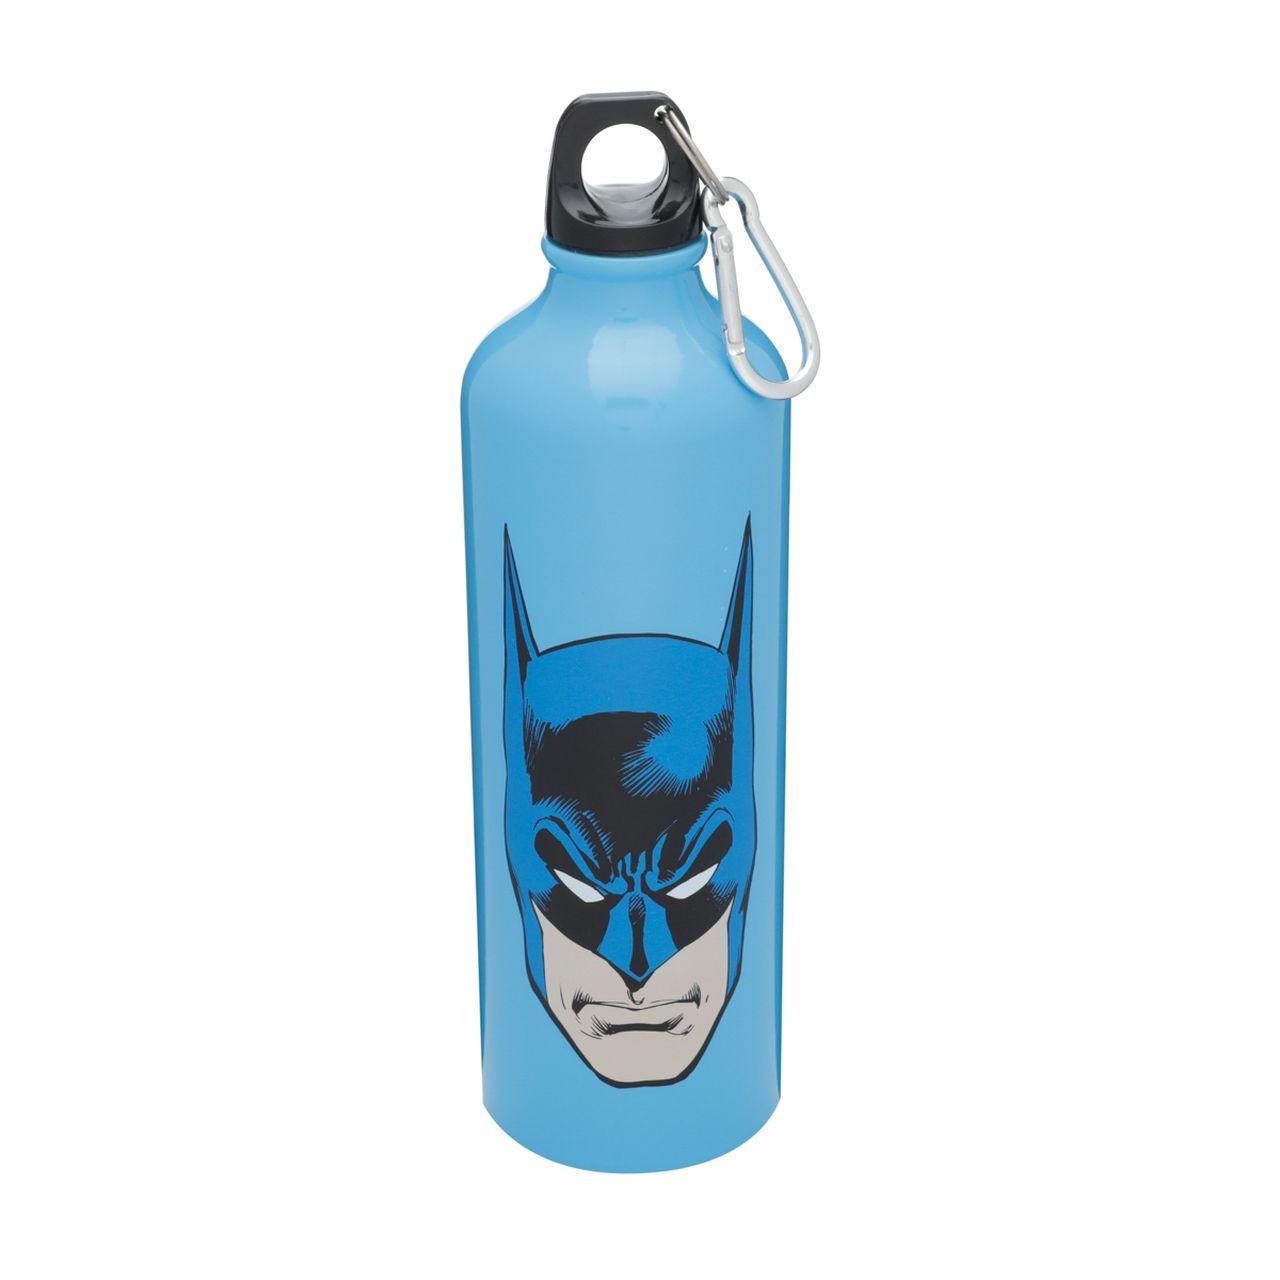 Garrafa de Alumínio Rosto Batman (Azul) 750ml - Urban